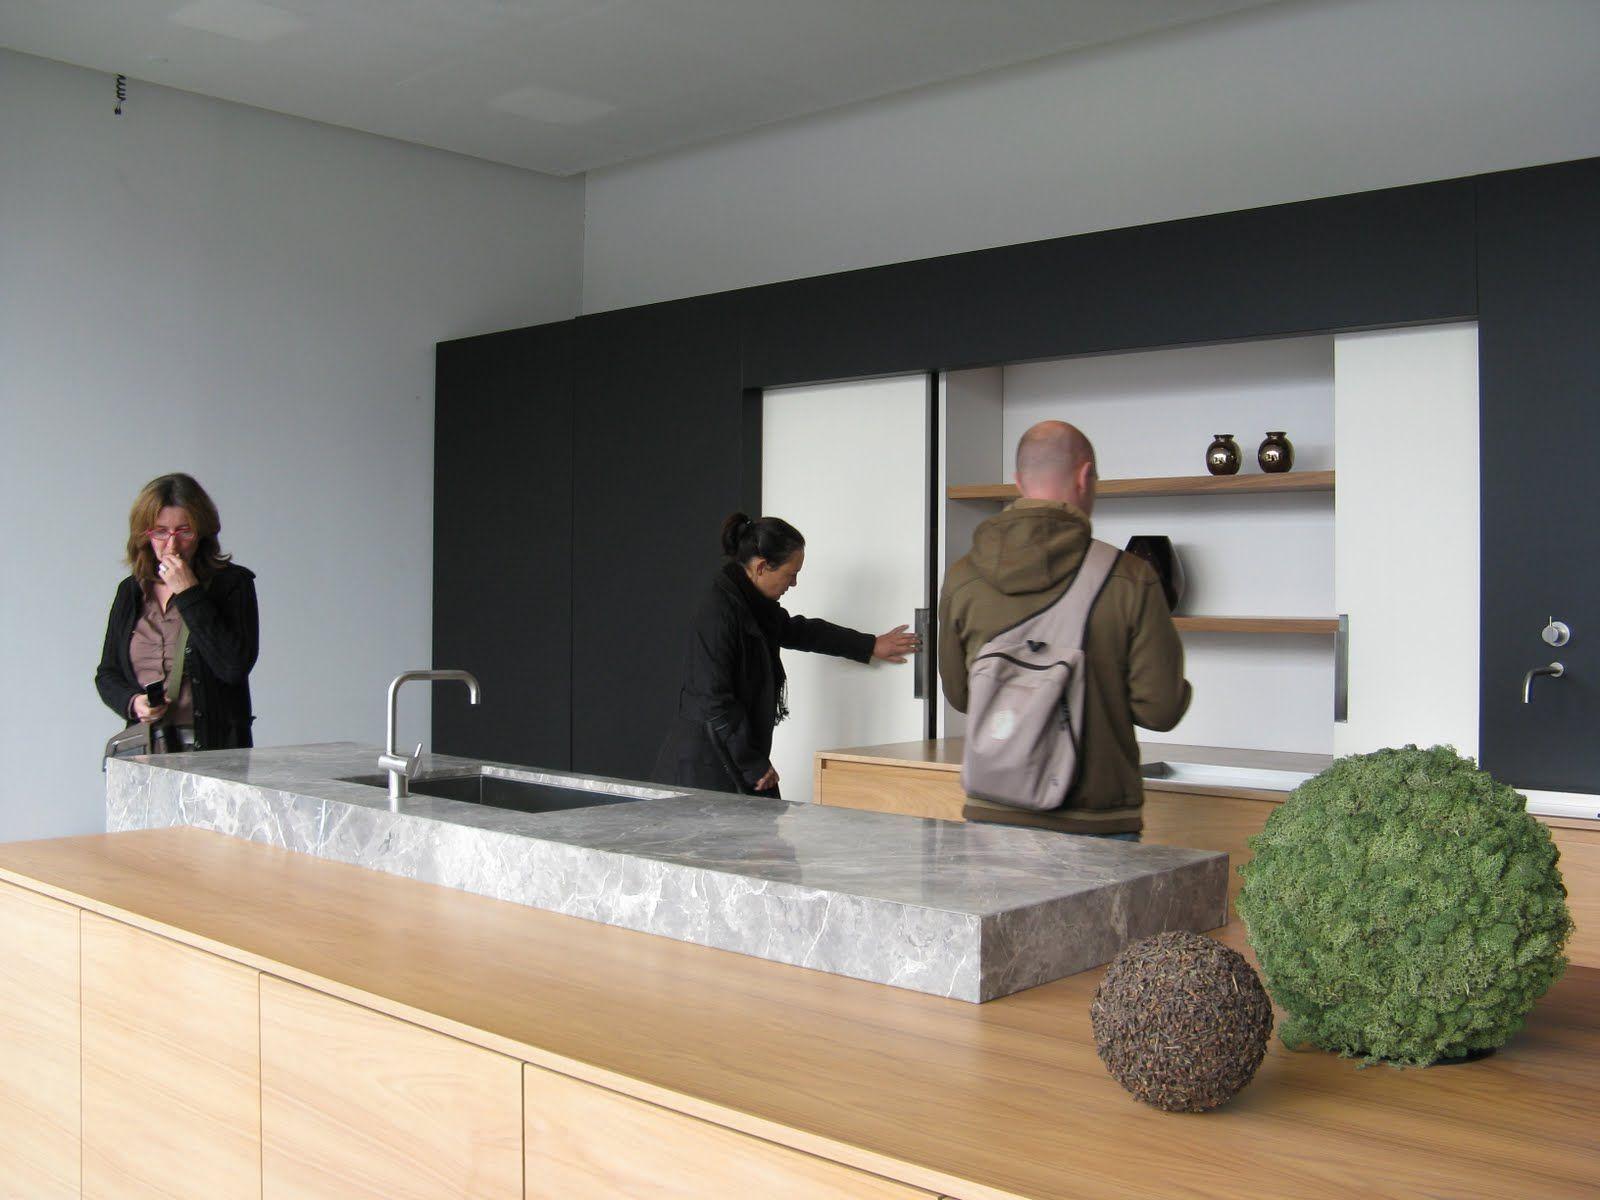 Keuken Marmer Zwart : Afbeeldingsresultaat voor aform keukens villa pinterest keuken